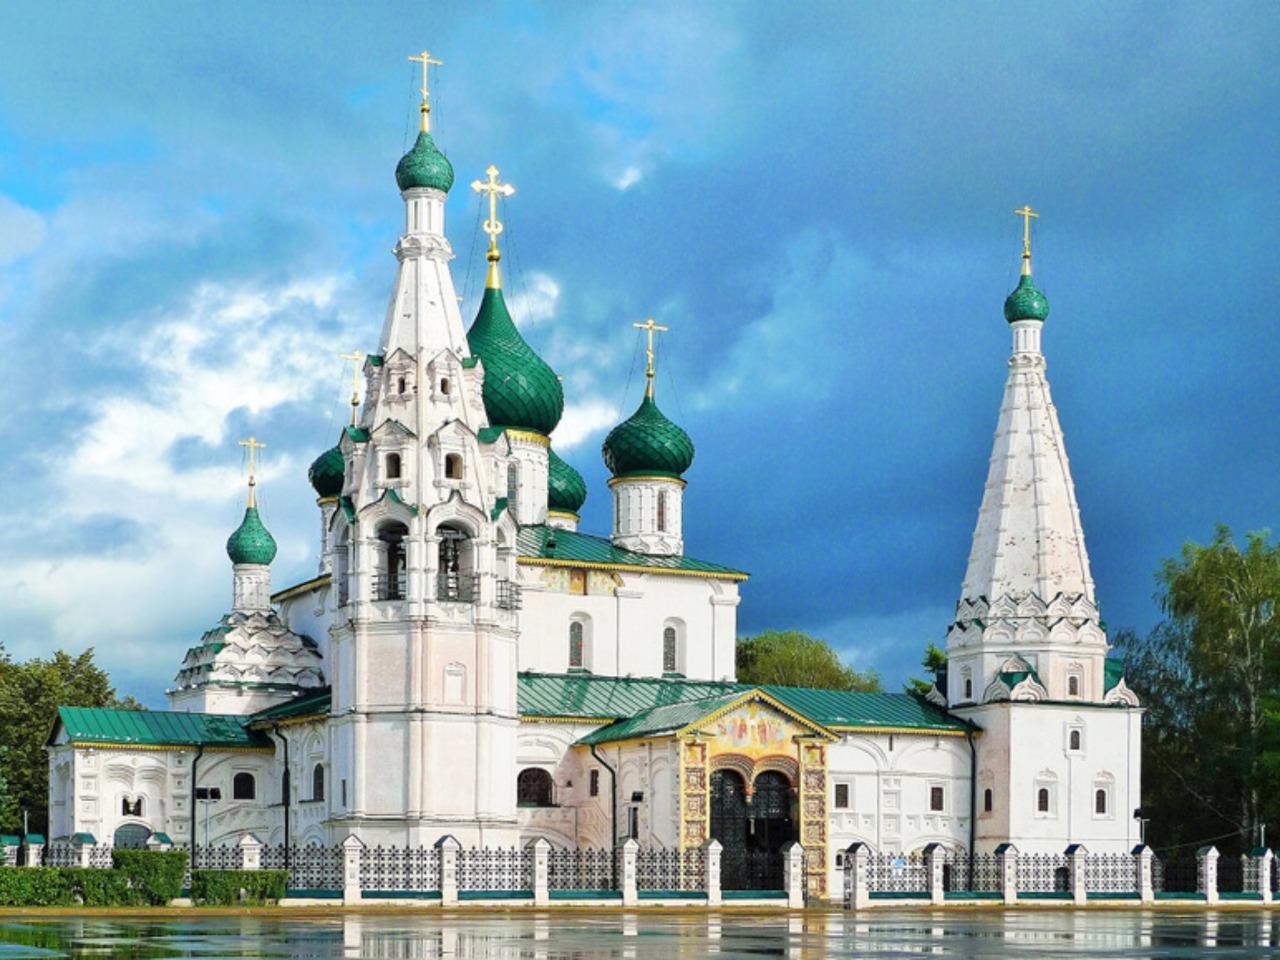 Ярославль. Экскурсия по историческому центру города - индивидуальная экскурсия в Ярославле от опытного гида